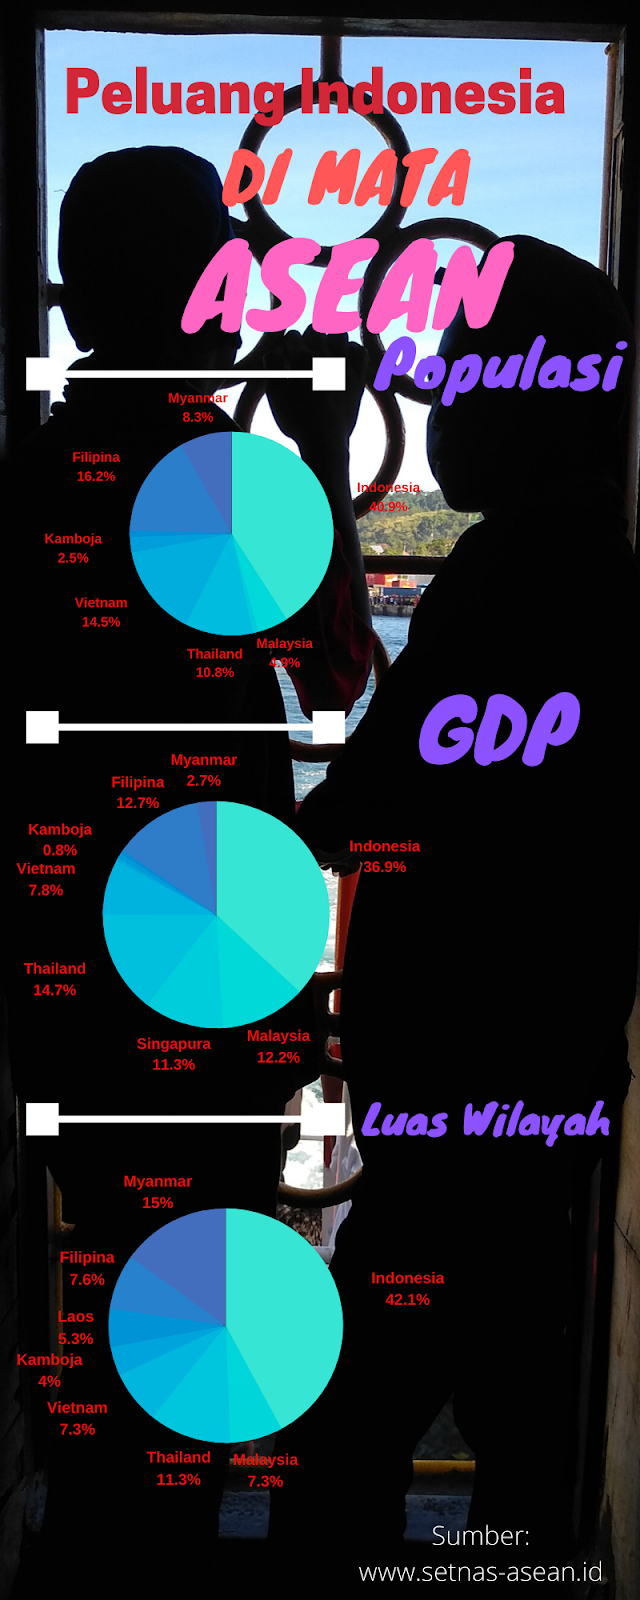 Info Grafis Indonesia Di Banding Asia Tenggara